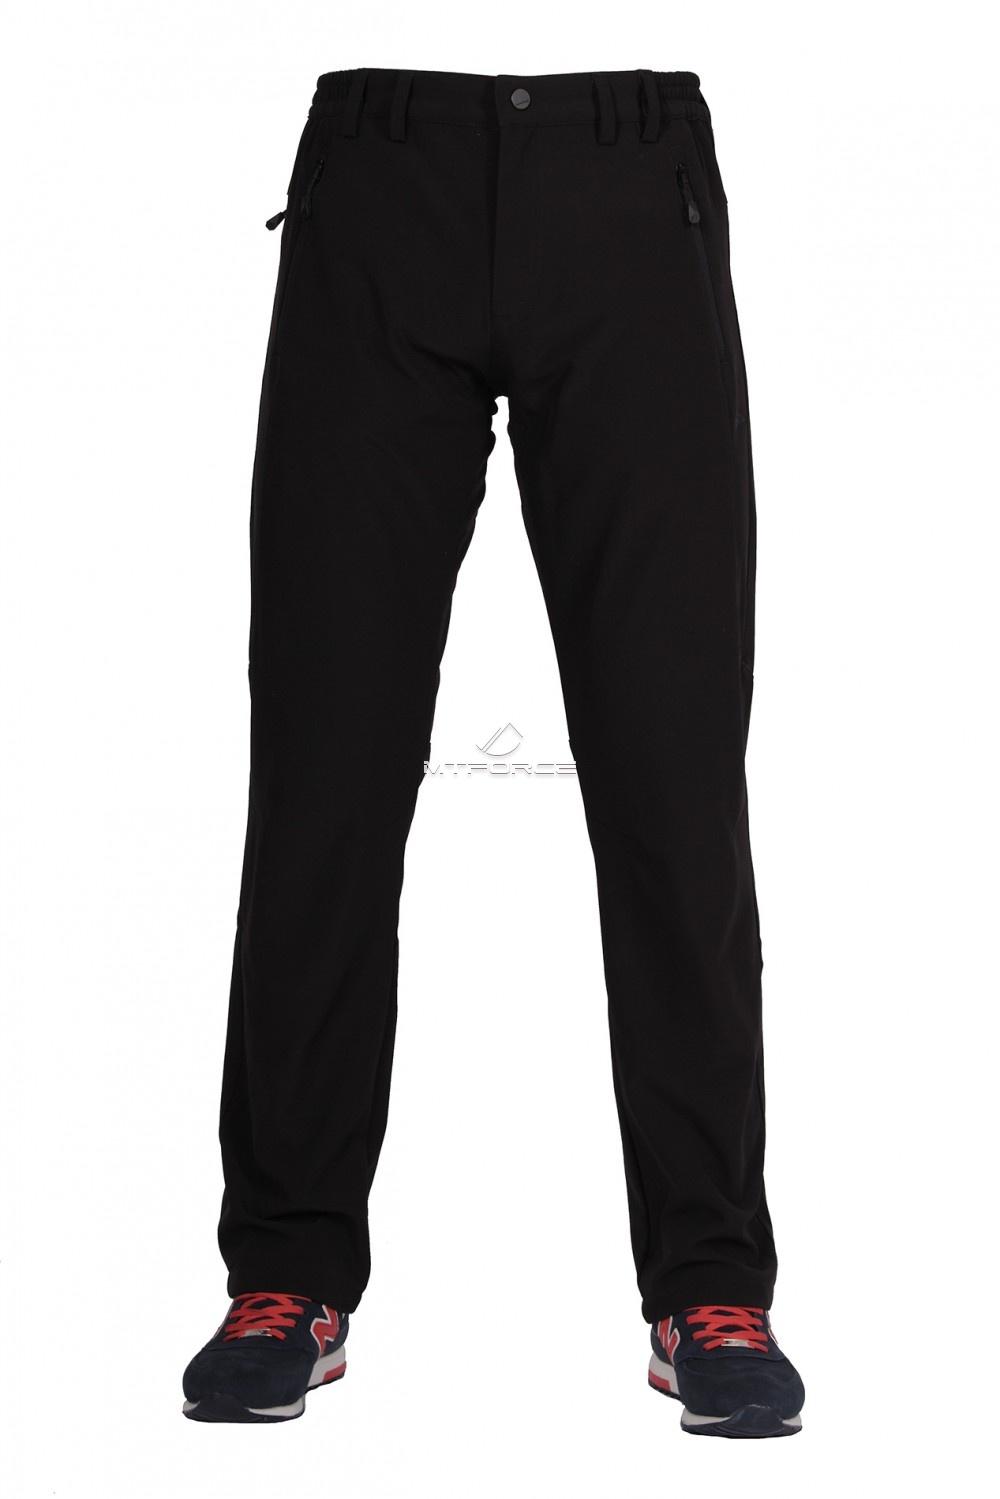 Купить                                      оптом Брюки виндстопер мужские черного цвета  6616Ch в  Красноярске